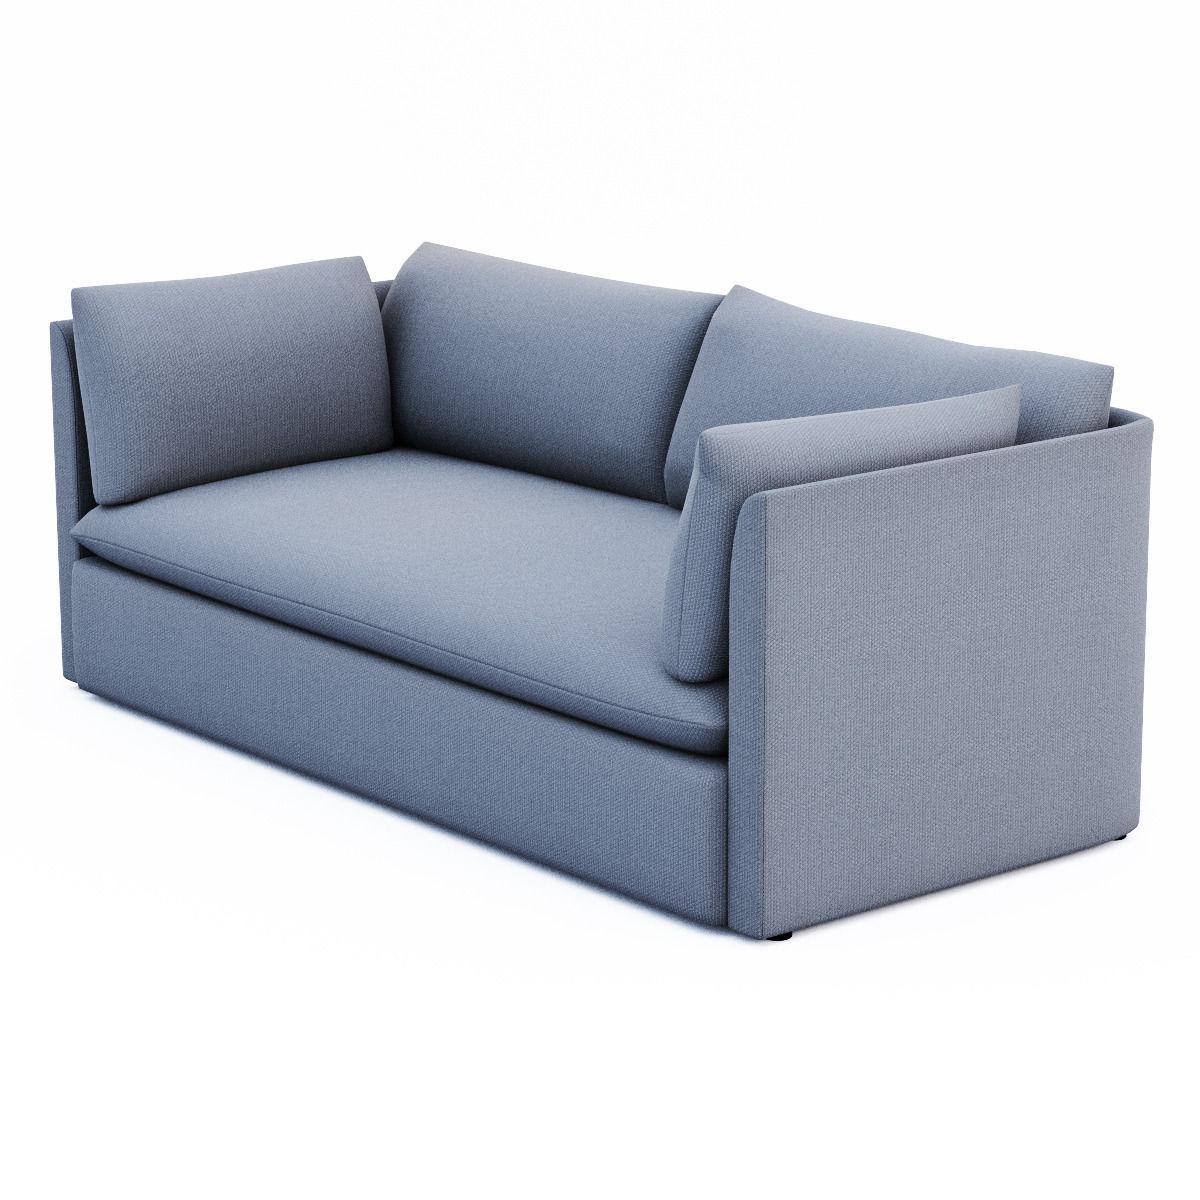 ... West Elm Shelter Sofa 3d Model Max Obj 3ds Fbx Dxf Dae 2 ...